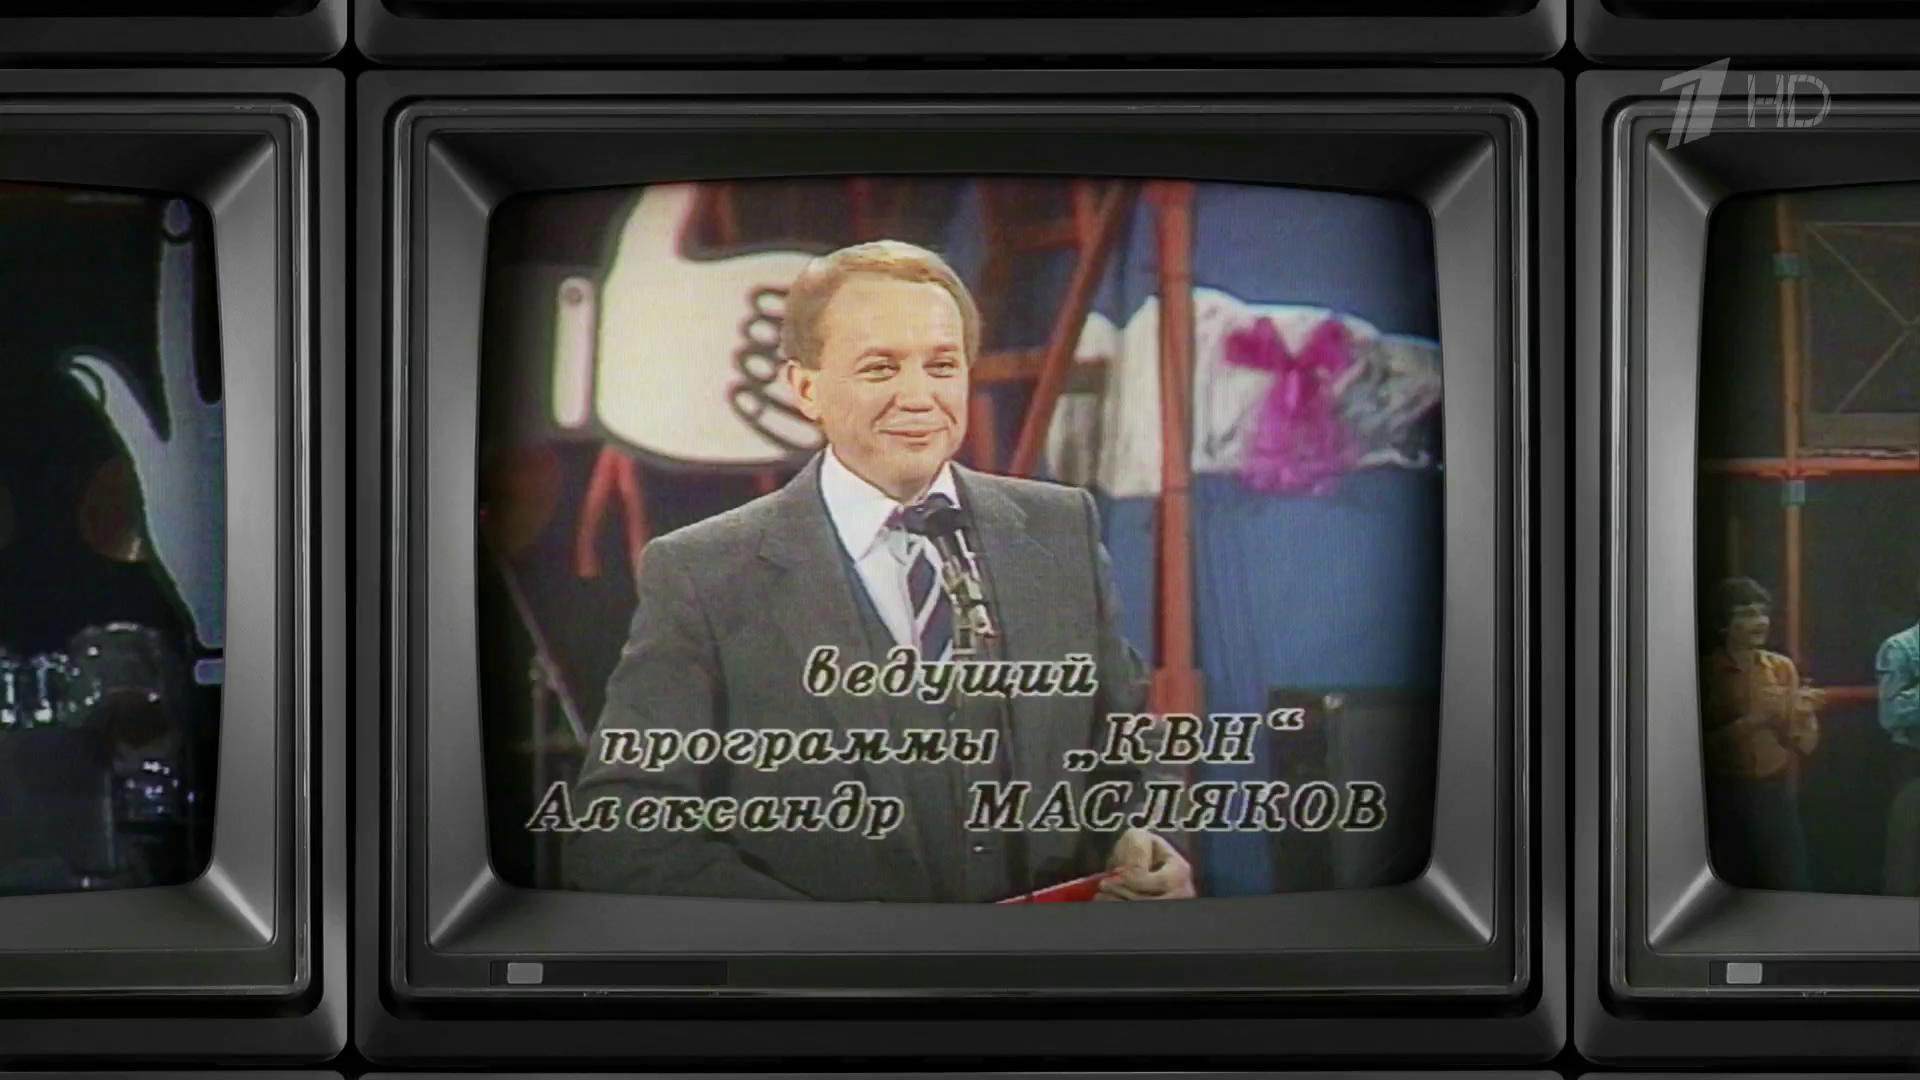 Поздравление маслякову от эрнста